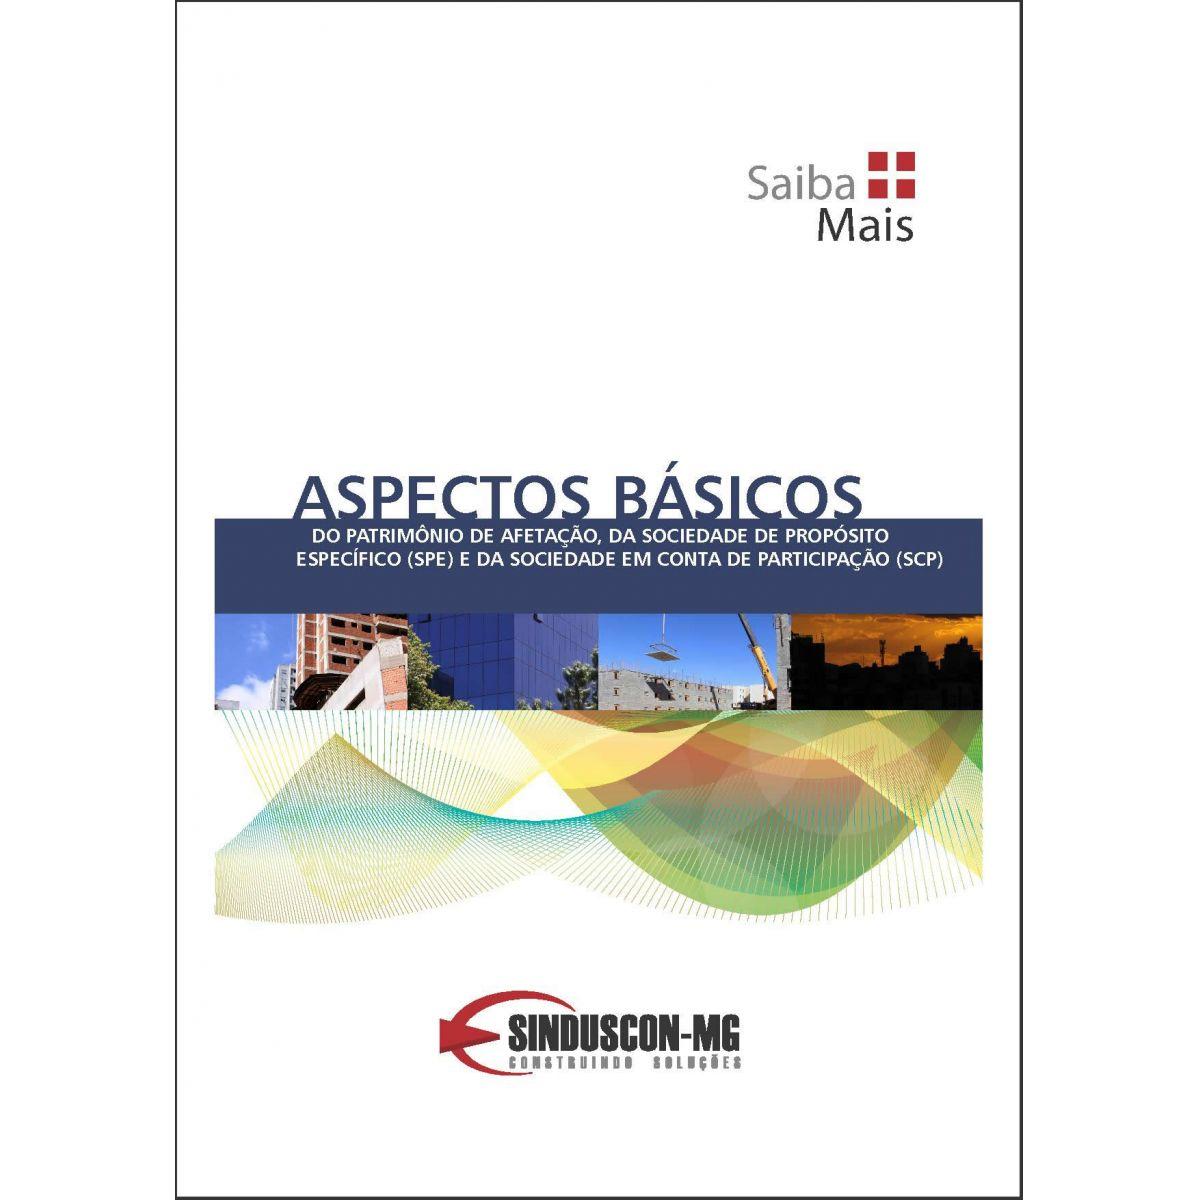 Aspectos Básicos do Patrimônio de Afetação, da SPE e da SCP